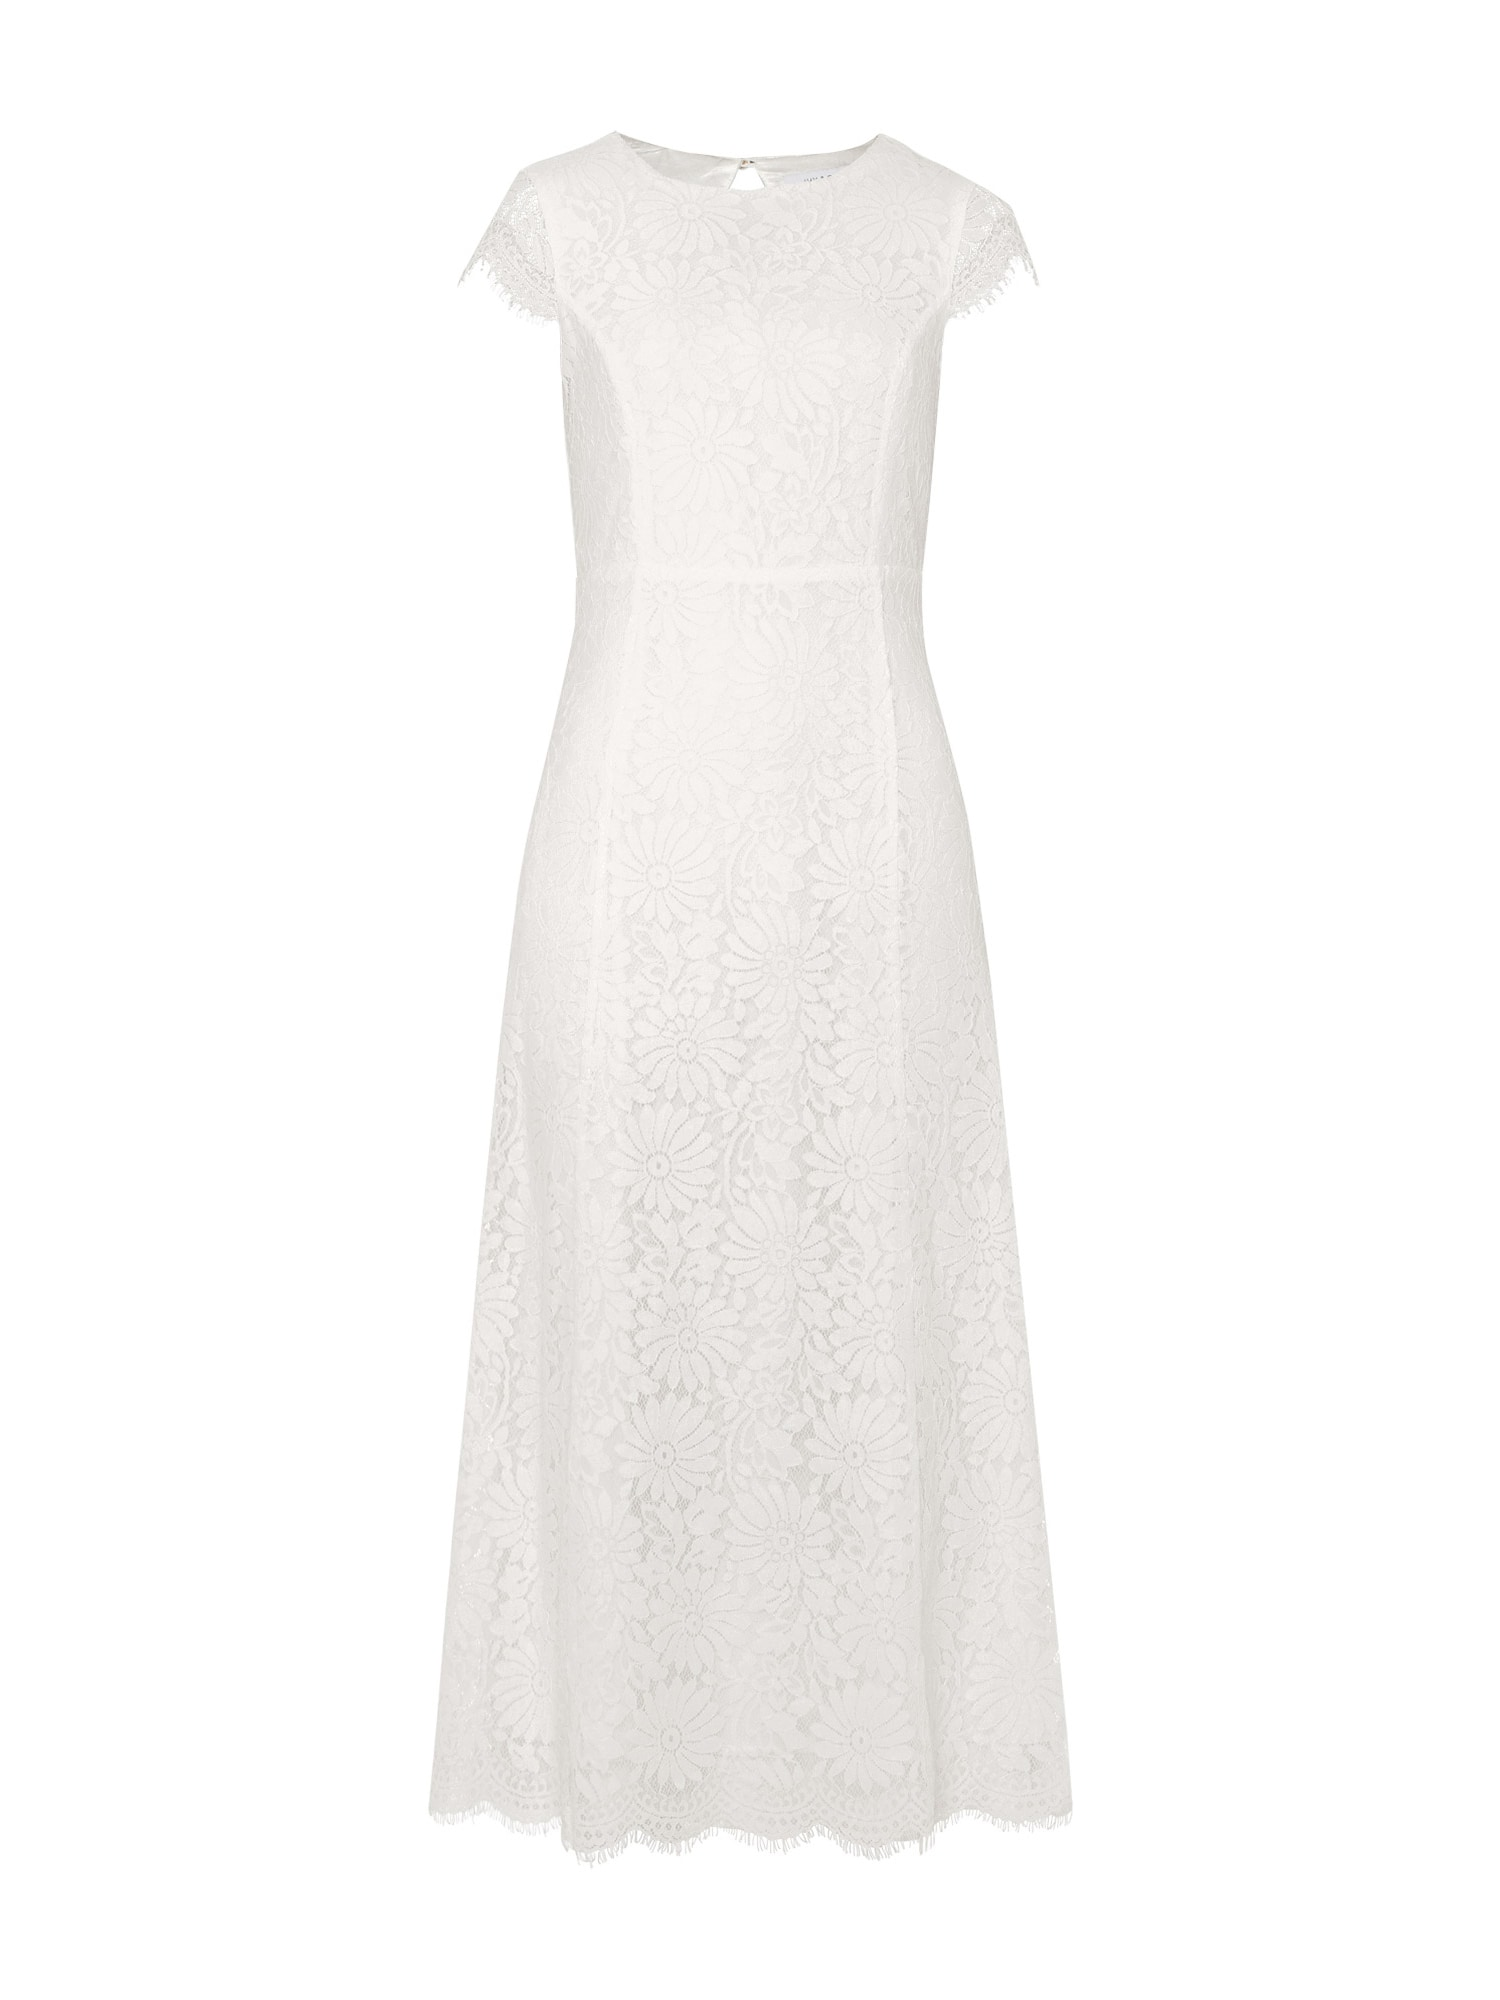 Společenské šaty Bridal Dress bílá IVY & OAK